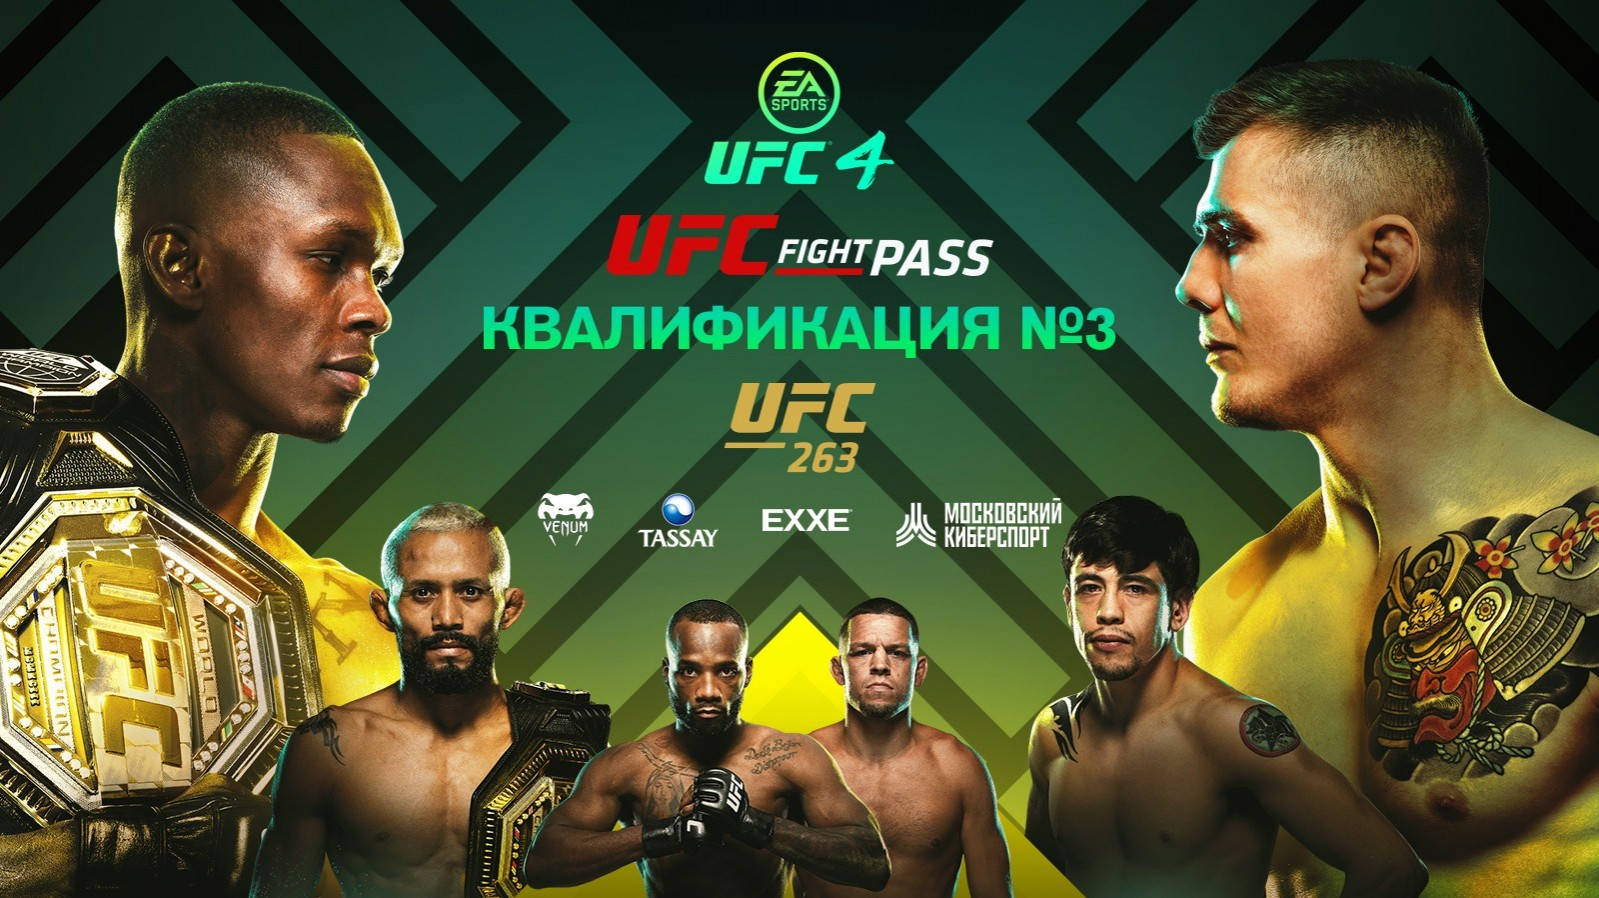 Третья квалификация турнира UFC и ФКС Москвы пройдет 13 июня